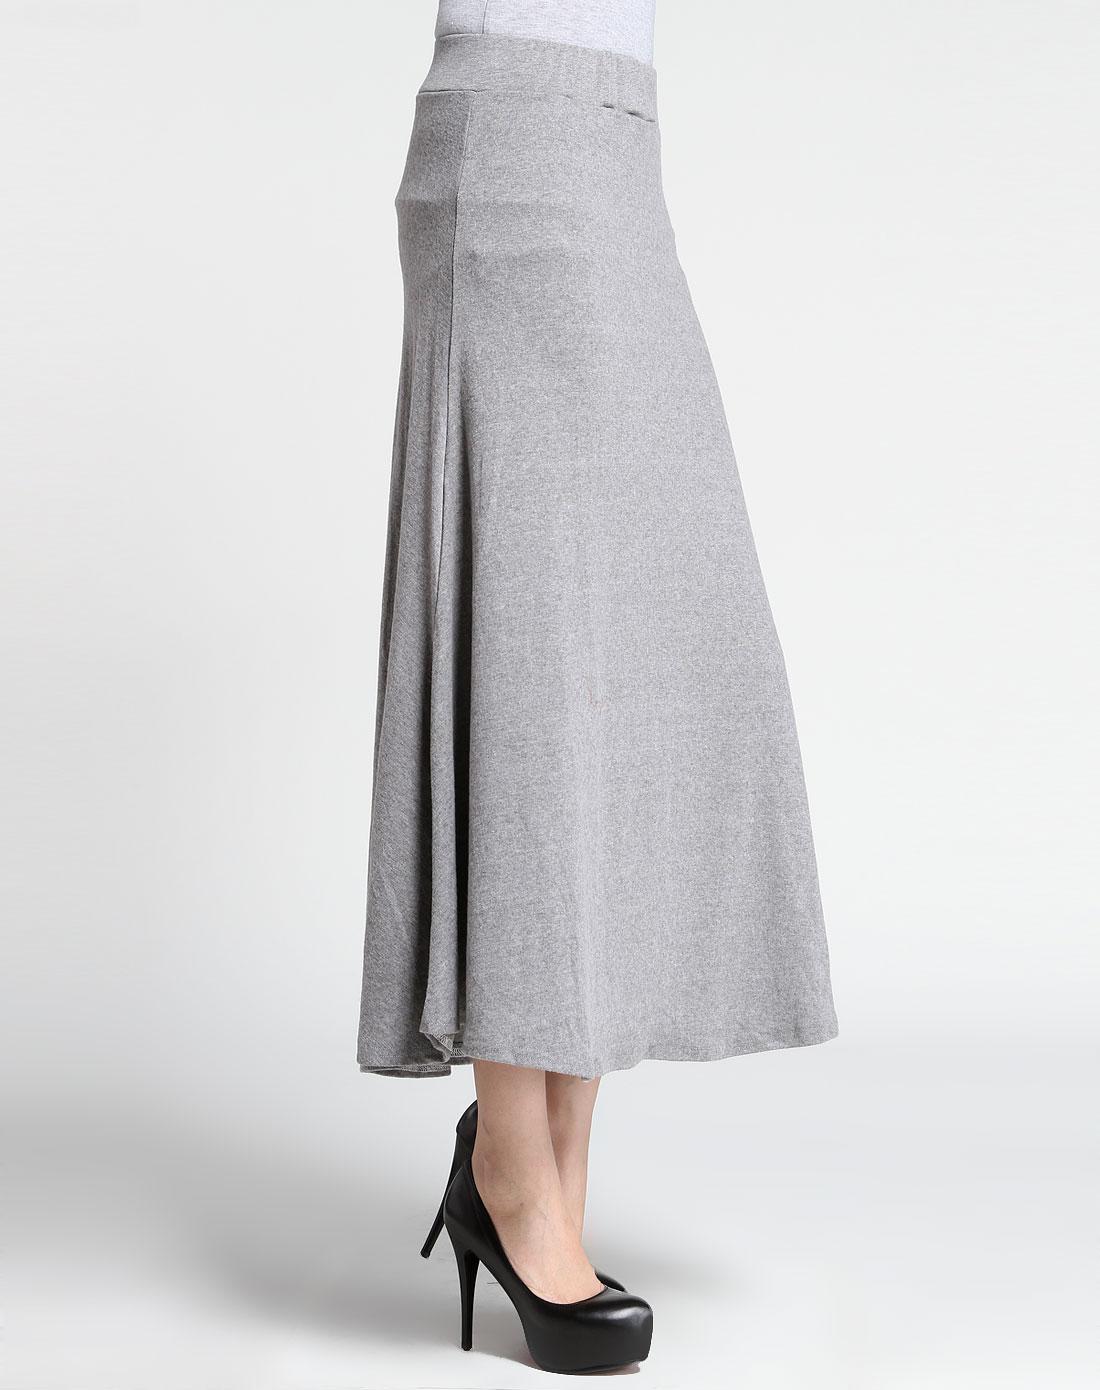 裙子图片图片 裙子图片图片下载